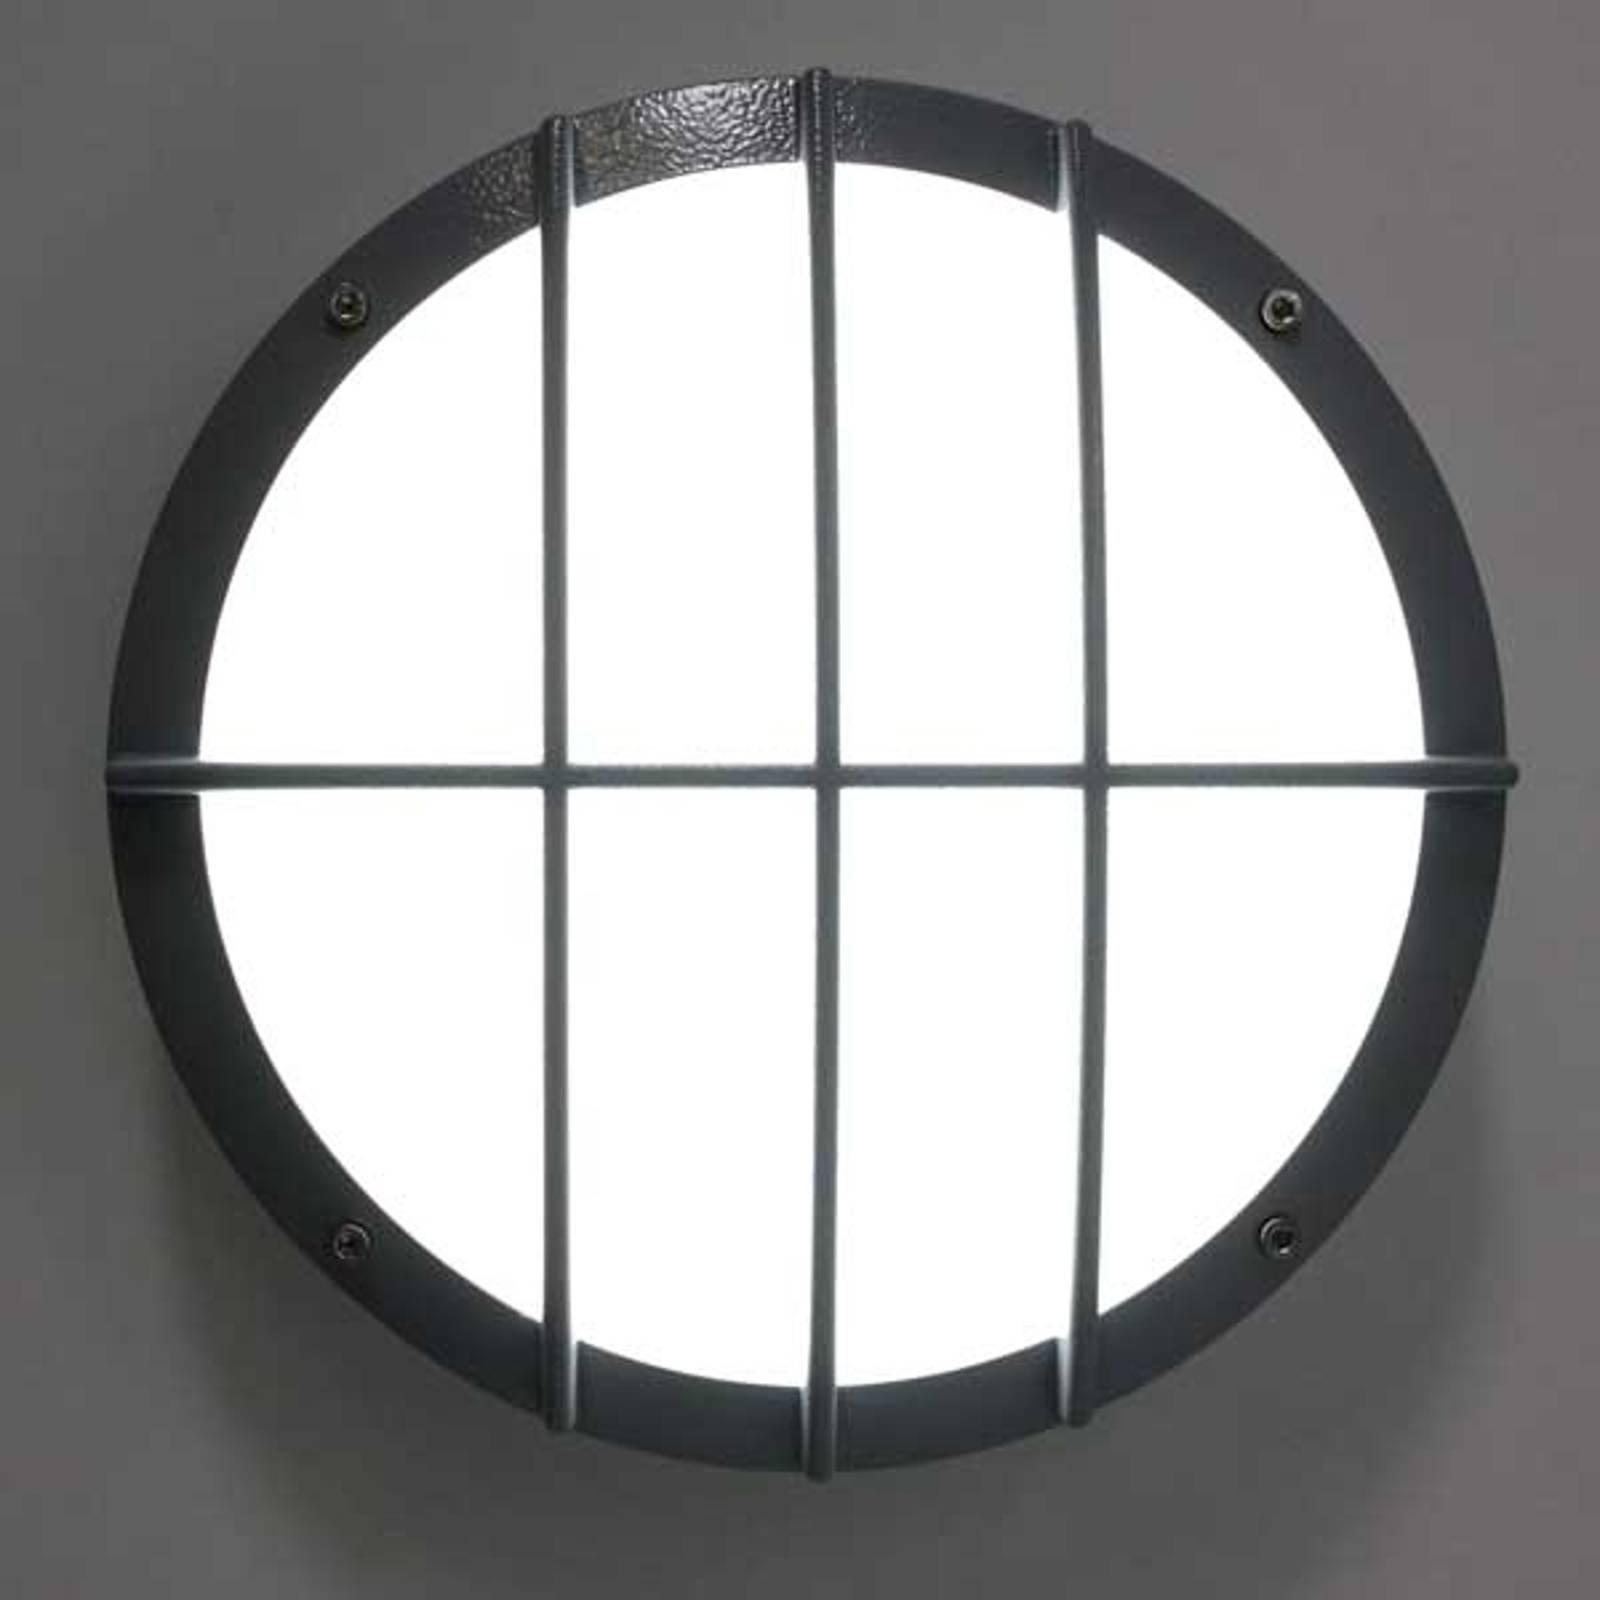 SUN 8 LED-vegglampe av trykkstøpt aluminium, 8W 3K